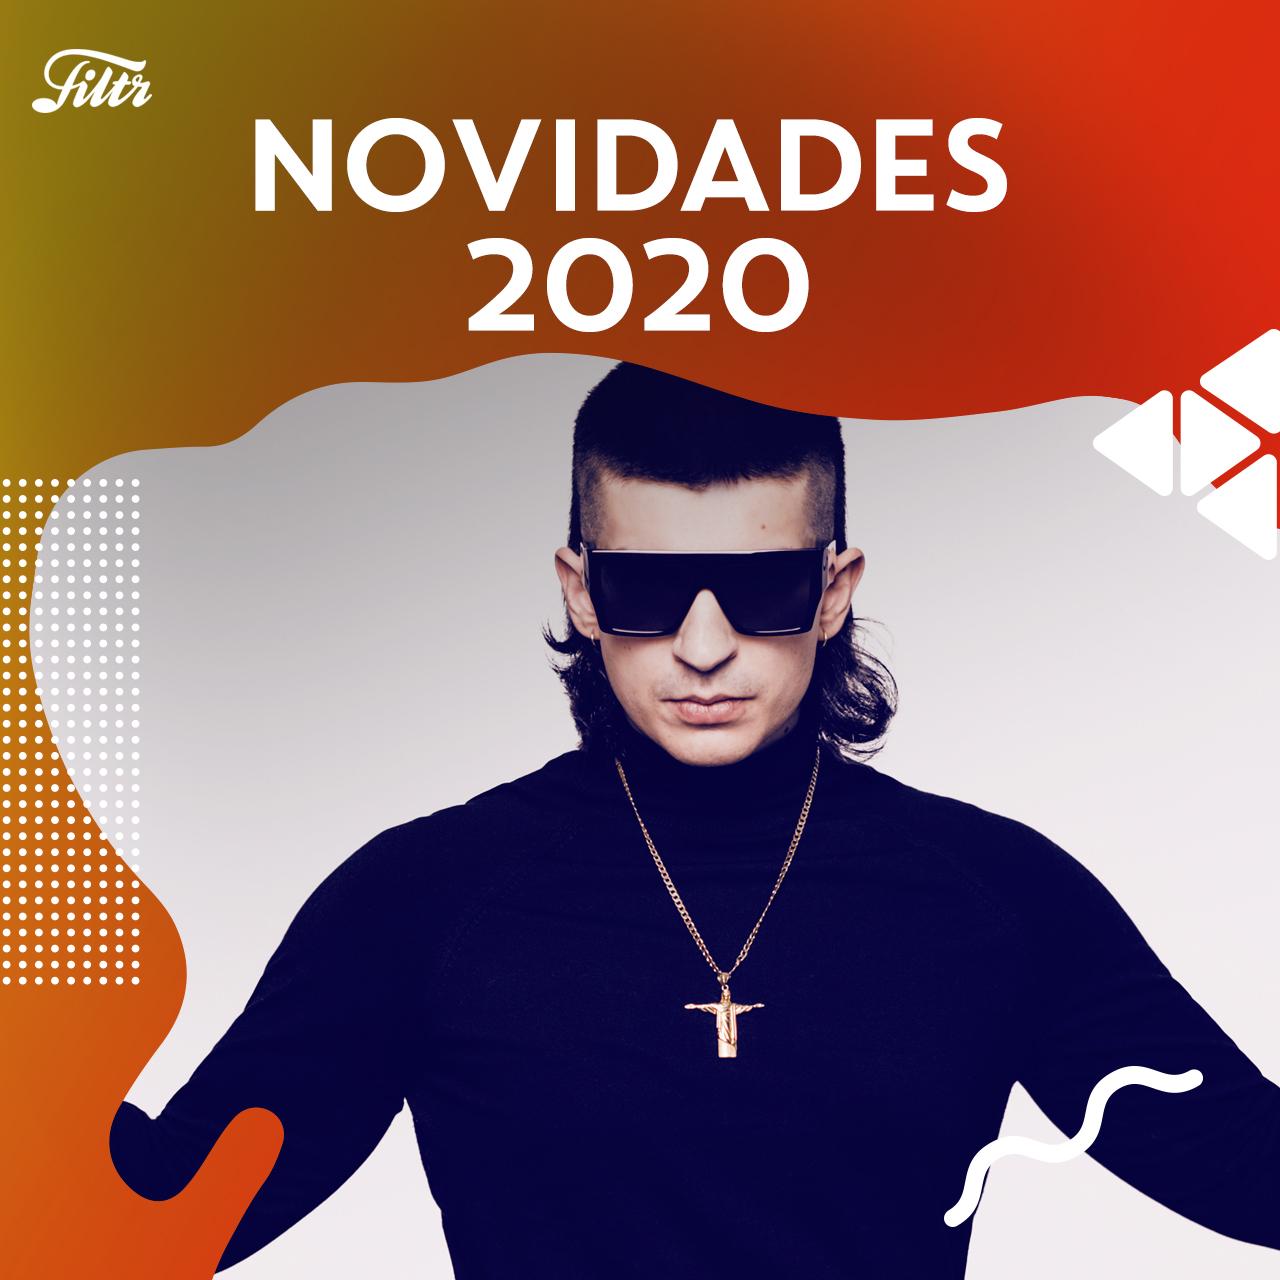 Filtr_NOVIDADES 2020